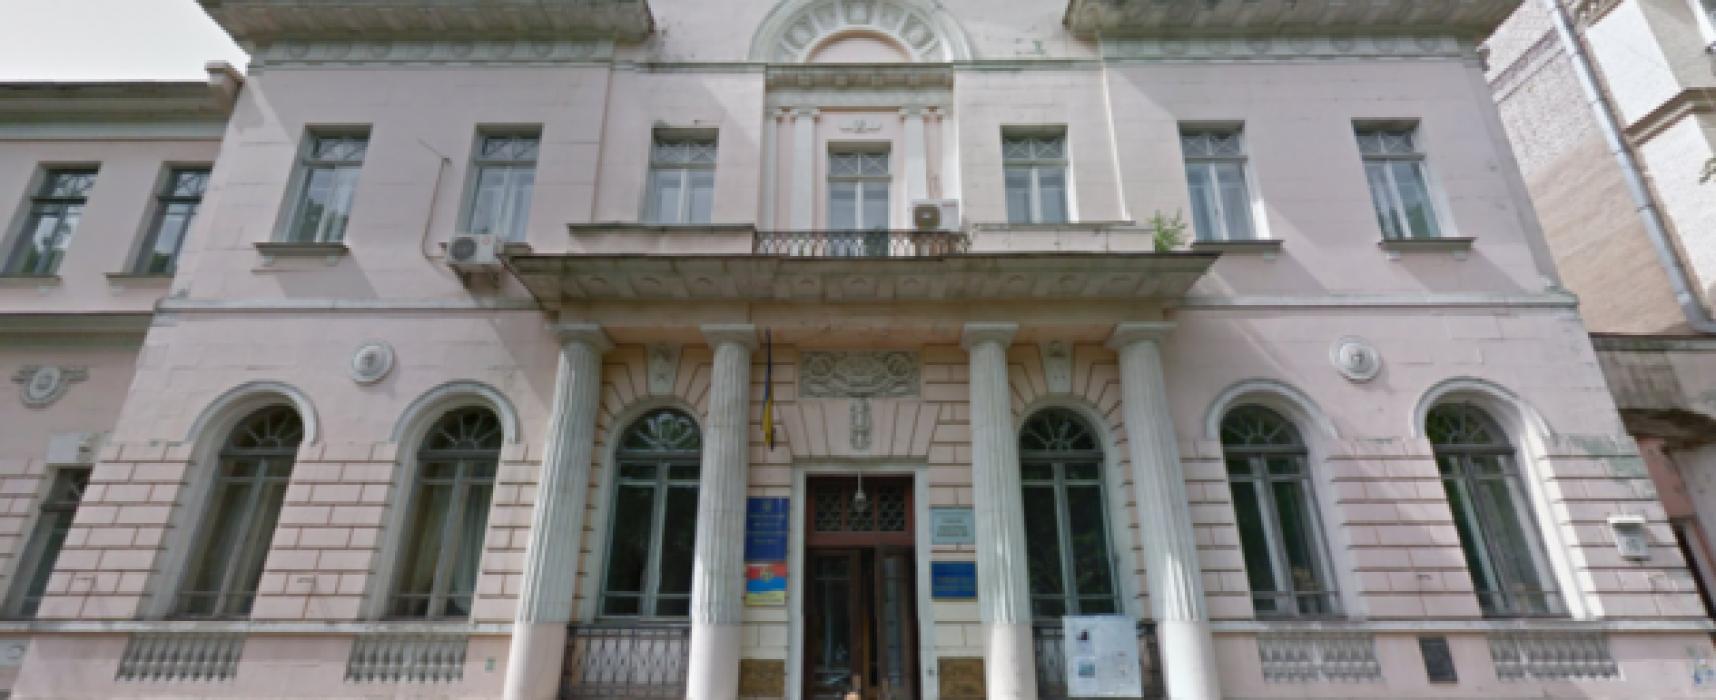 Інститут національної пам'яті запустив анімаційні ролики проти історичних фейків РФ про Україну